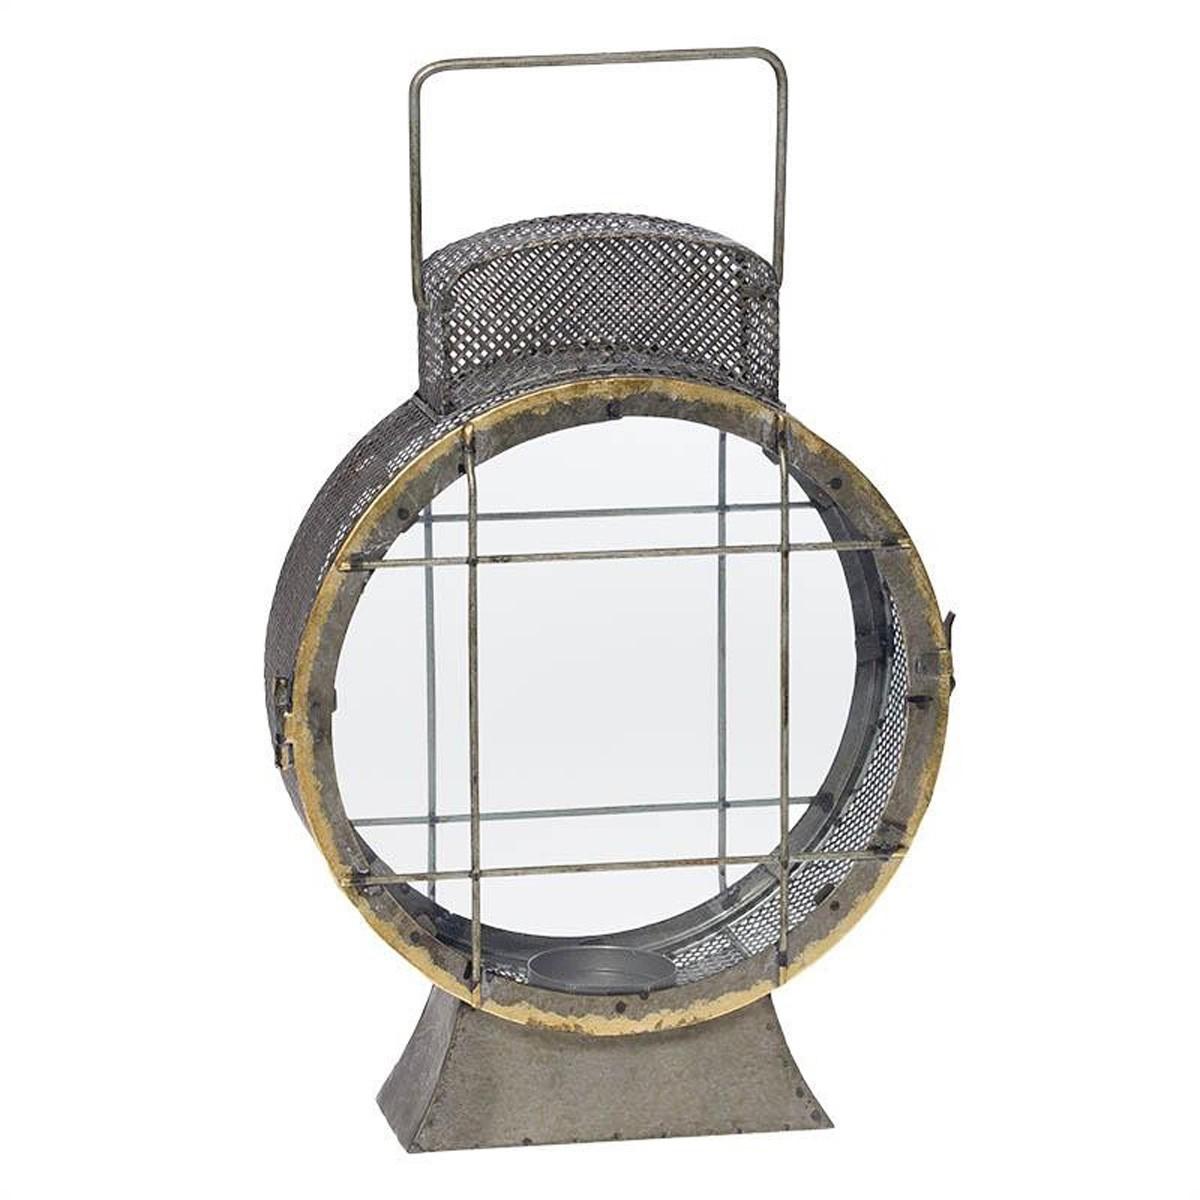 Φαναράκι InArt Scuba Diver's Helmet Large 3-70-087-0200